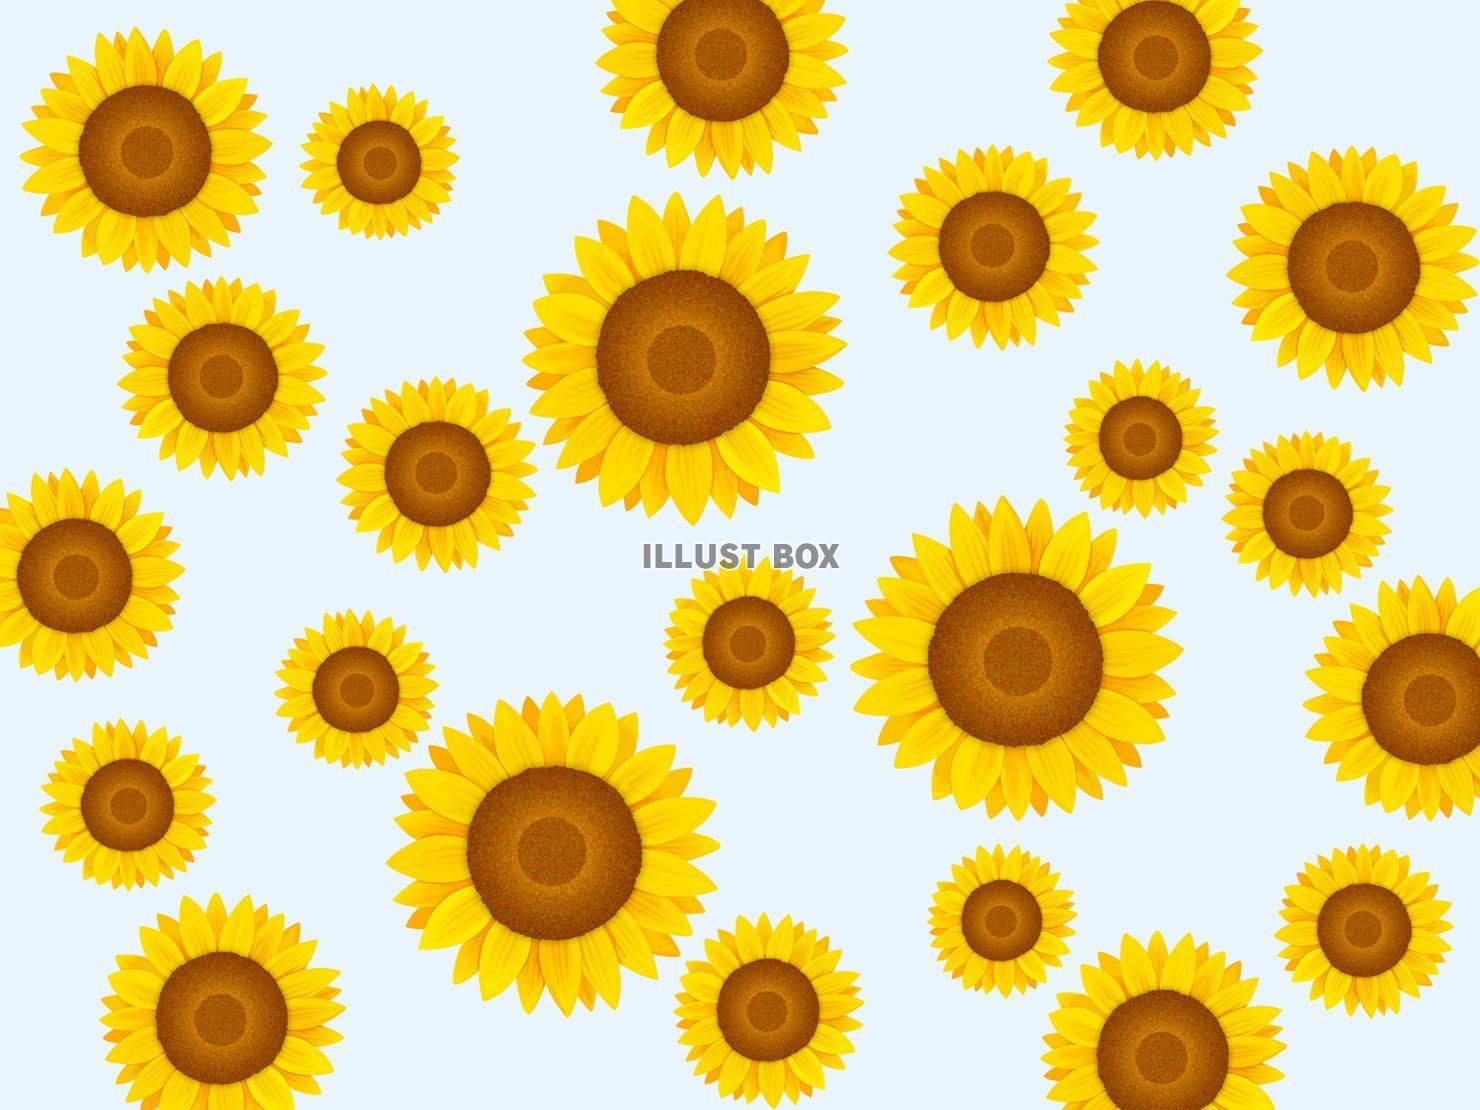 無料イラスト ひまわりの壁紙 向日葵の背景素材イラスト